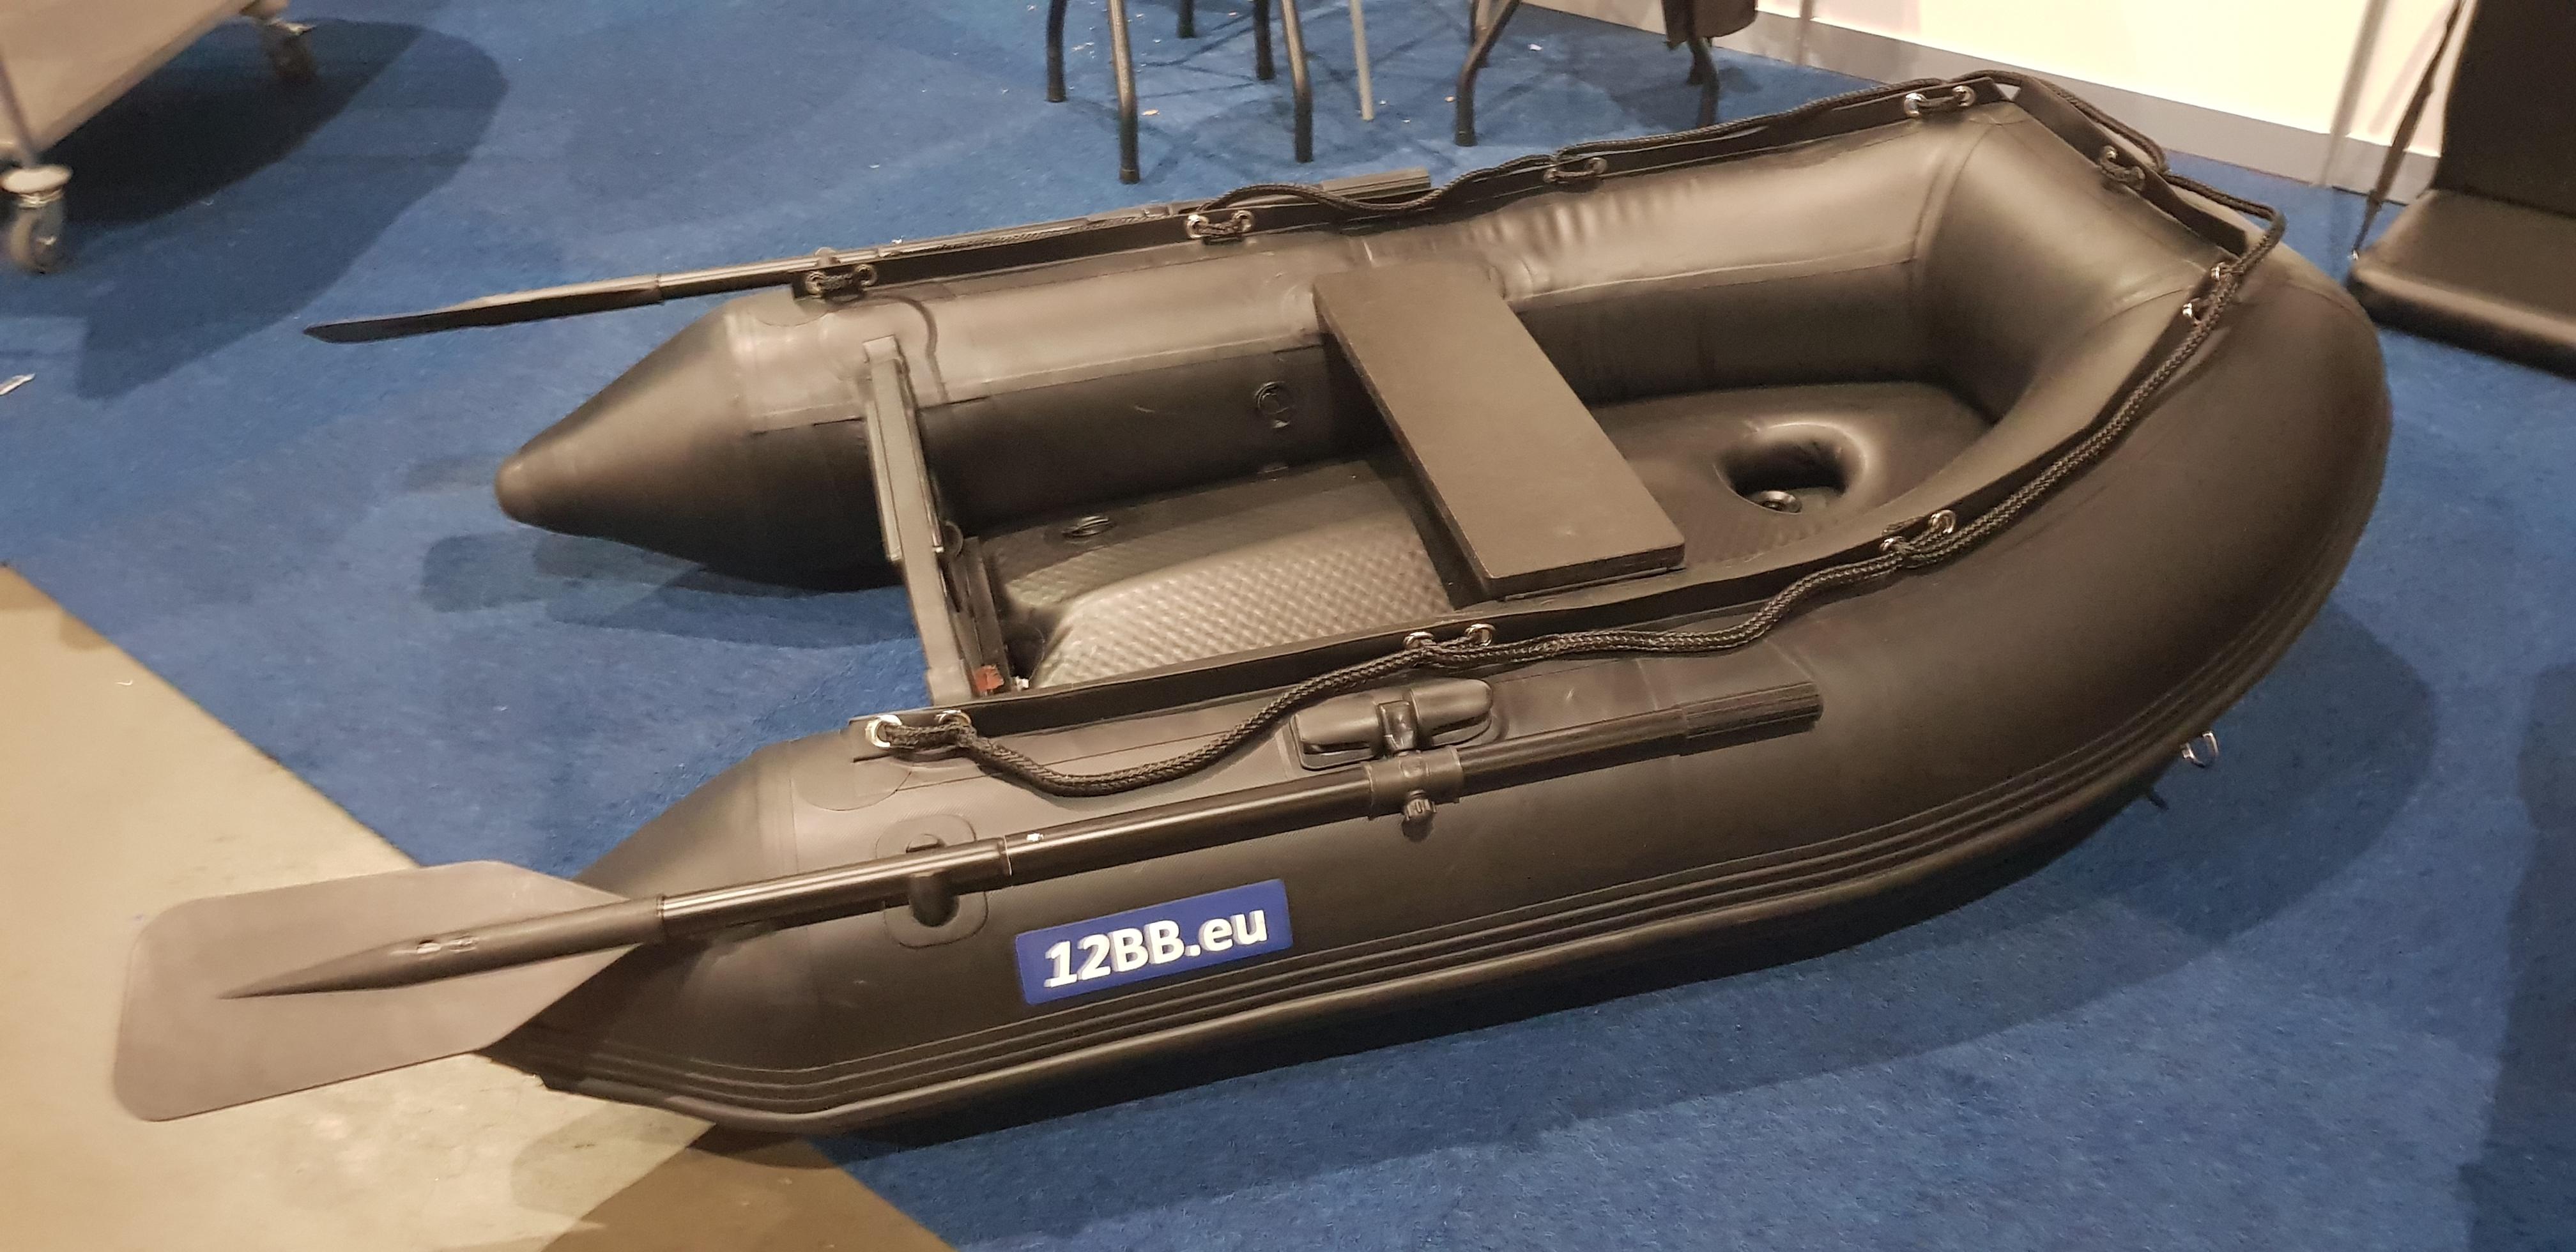 12BB-RIB Gummiboot Typ Schwarz 180 - AIRDECK